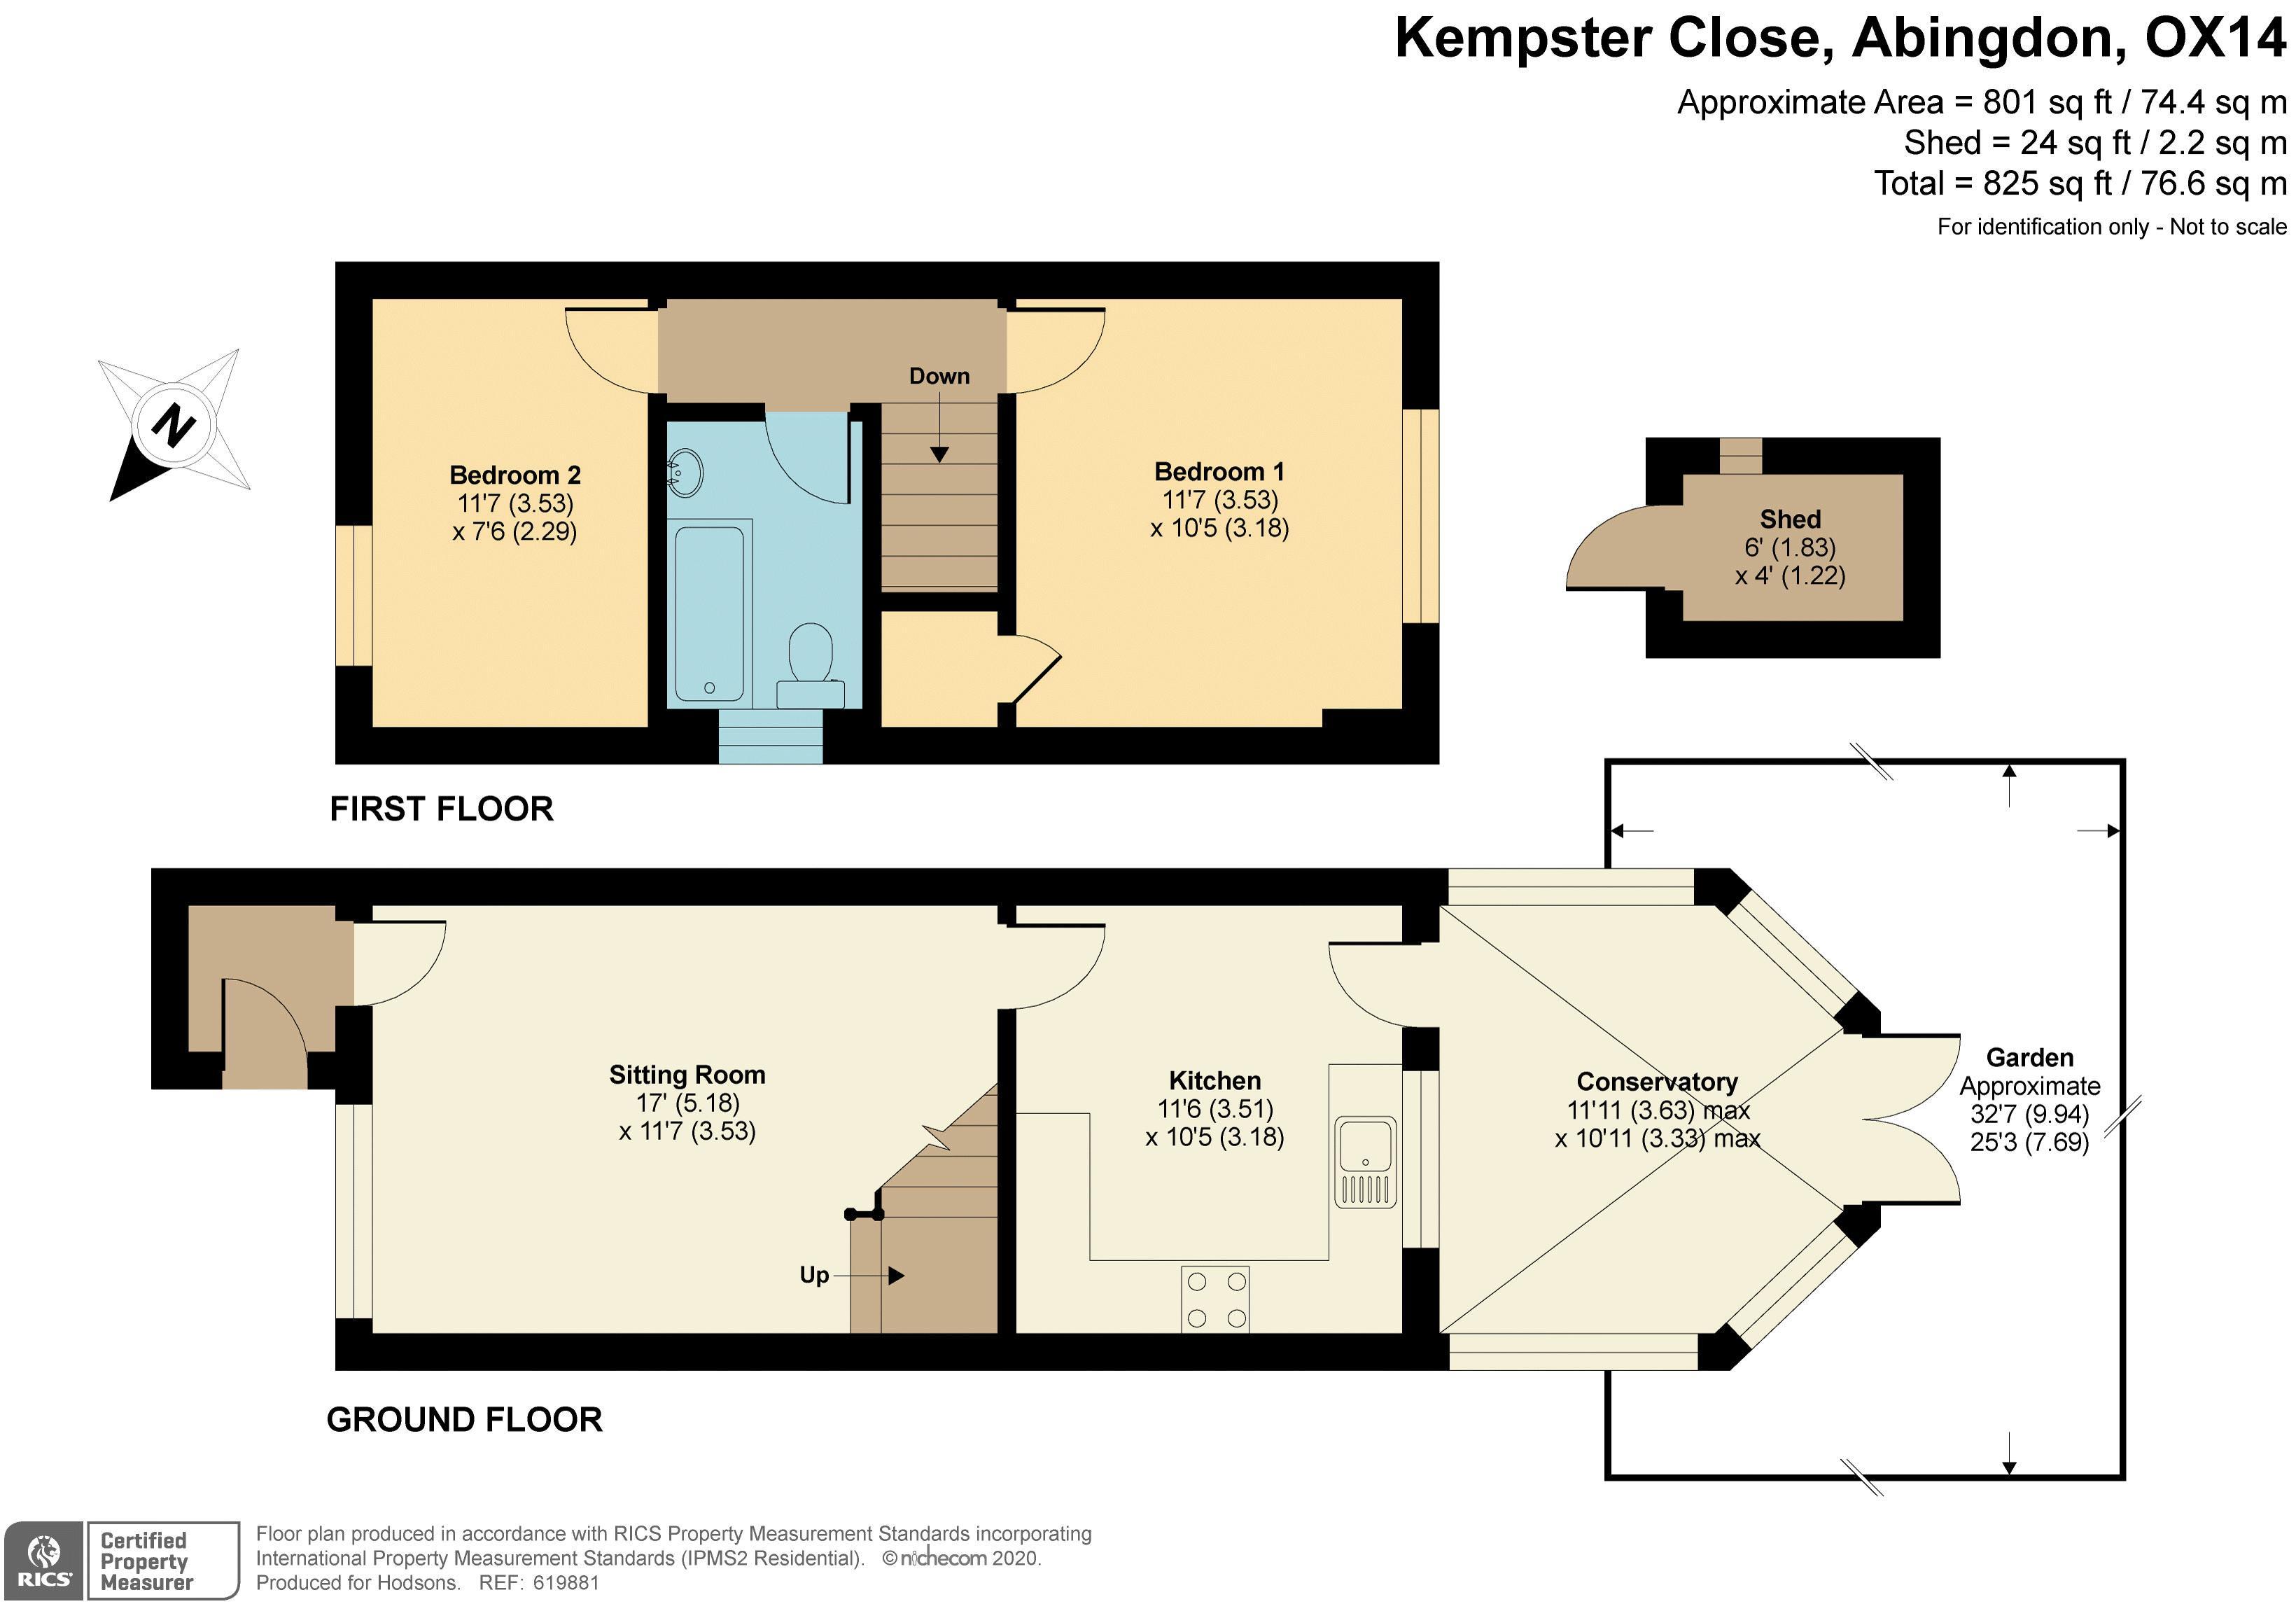 Kempster Close